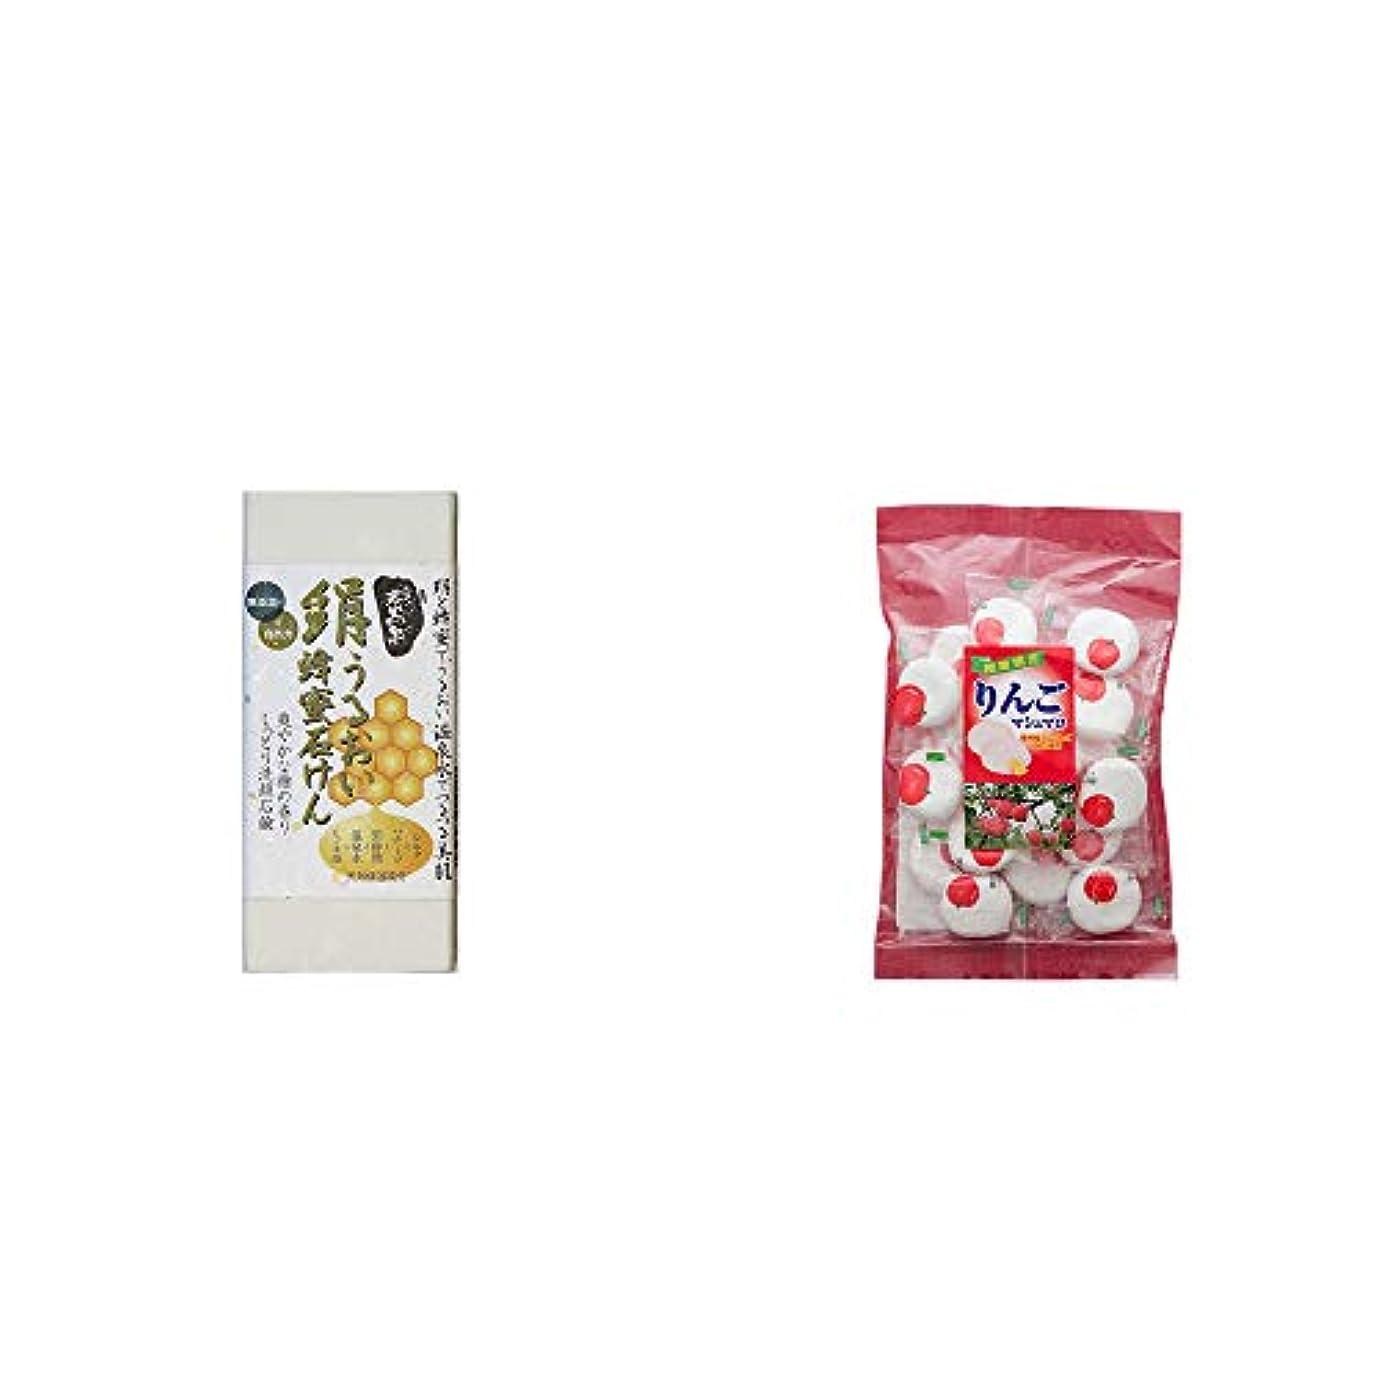 メーター運営空港[2点セット] ひのき炭黒泉 絹うるおい蜂蜜石けん(75g×2)?信州りんご100%使用 りんごマシュマロ(110g)